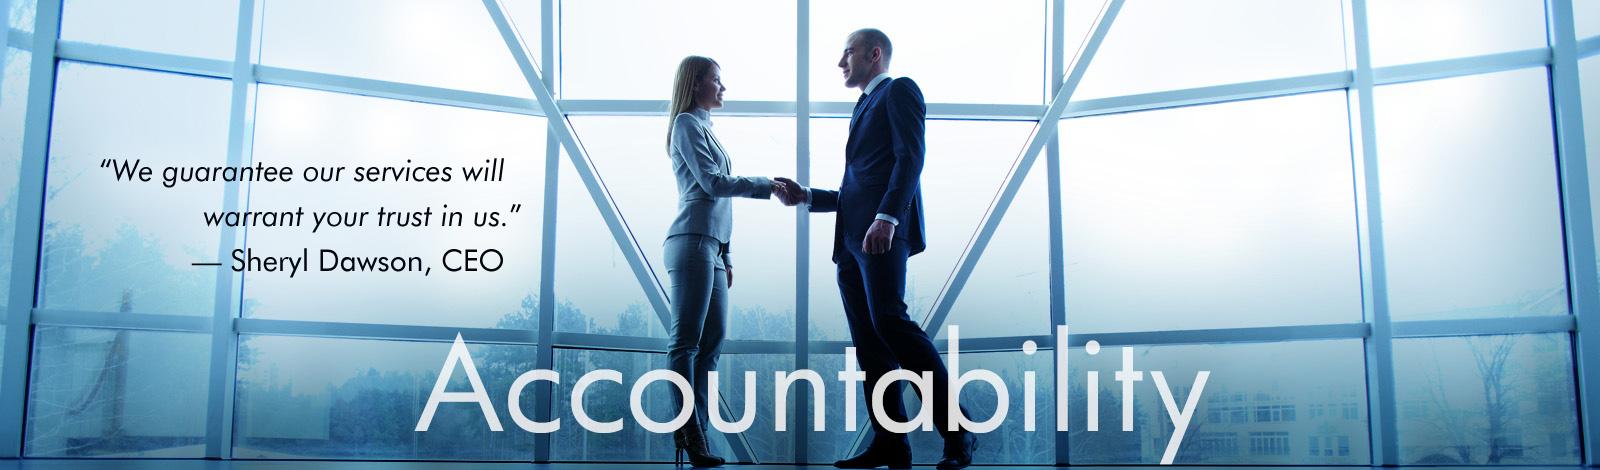 slideDAWSON_accountability